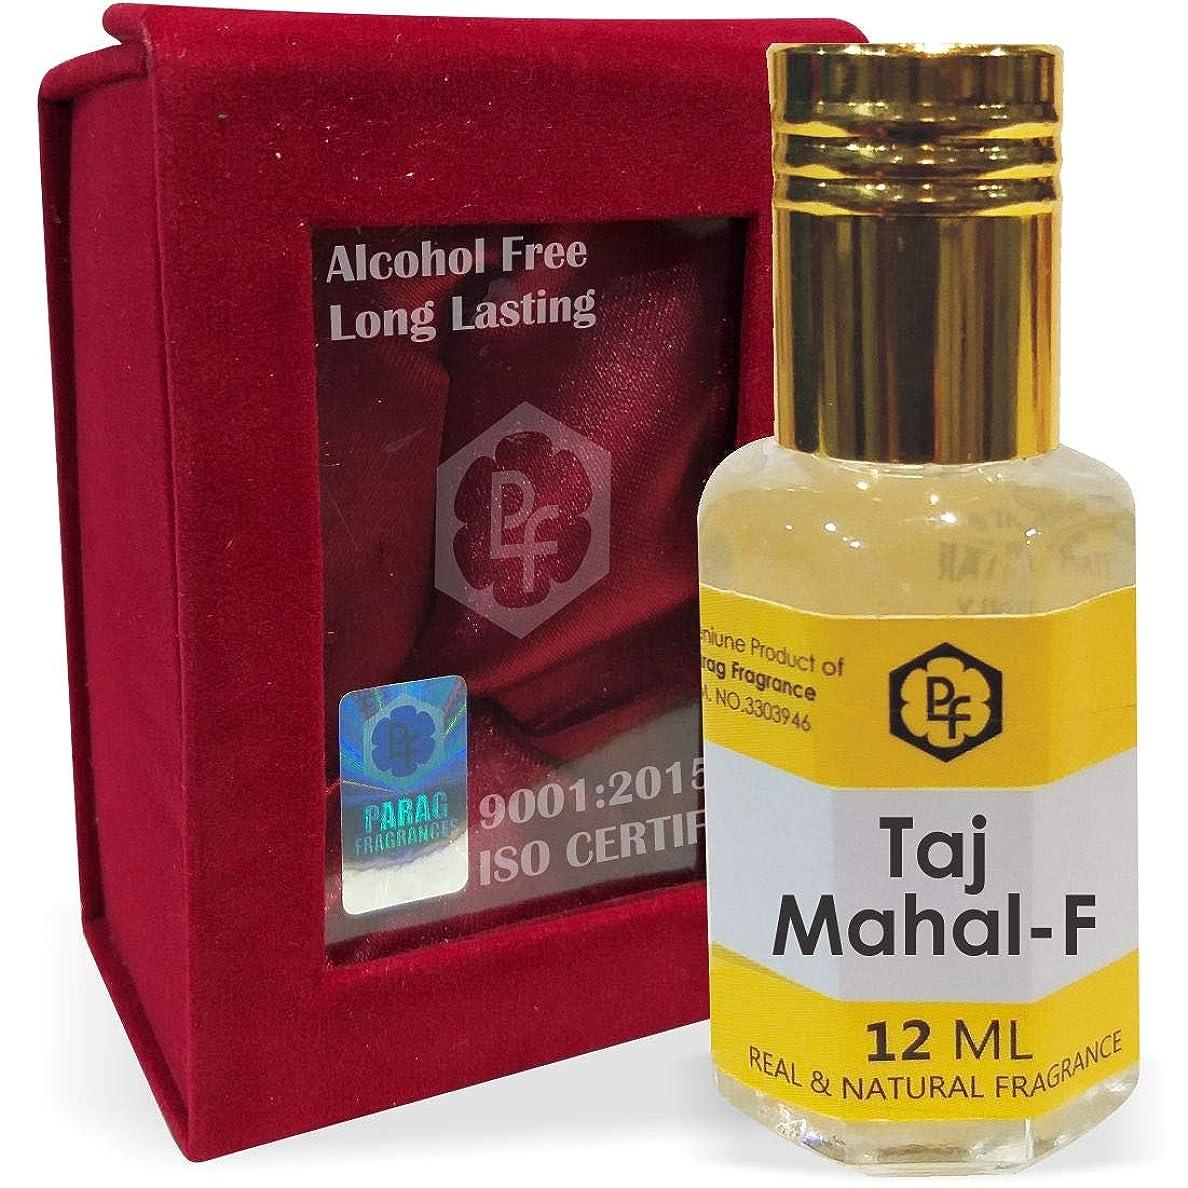 平和な不変悲鳴Paragフレグランスタージマハル-F手作りベルベットボックス12ミリリットルアター/香水(インドの伝統的なBhapka処理方法により、インド製)オイル/フレグランスオイル 長持ちアターITRA最高の品質